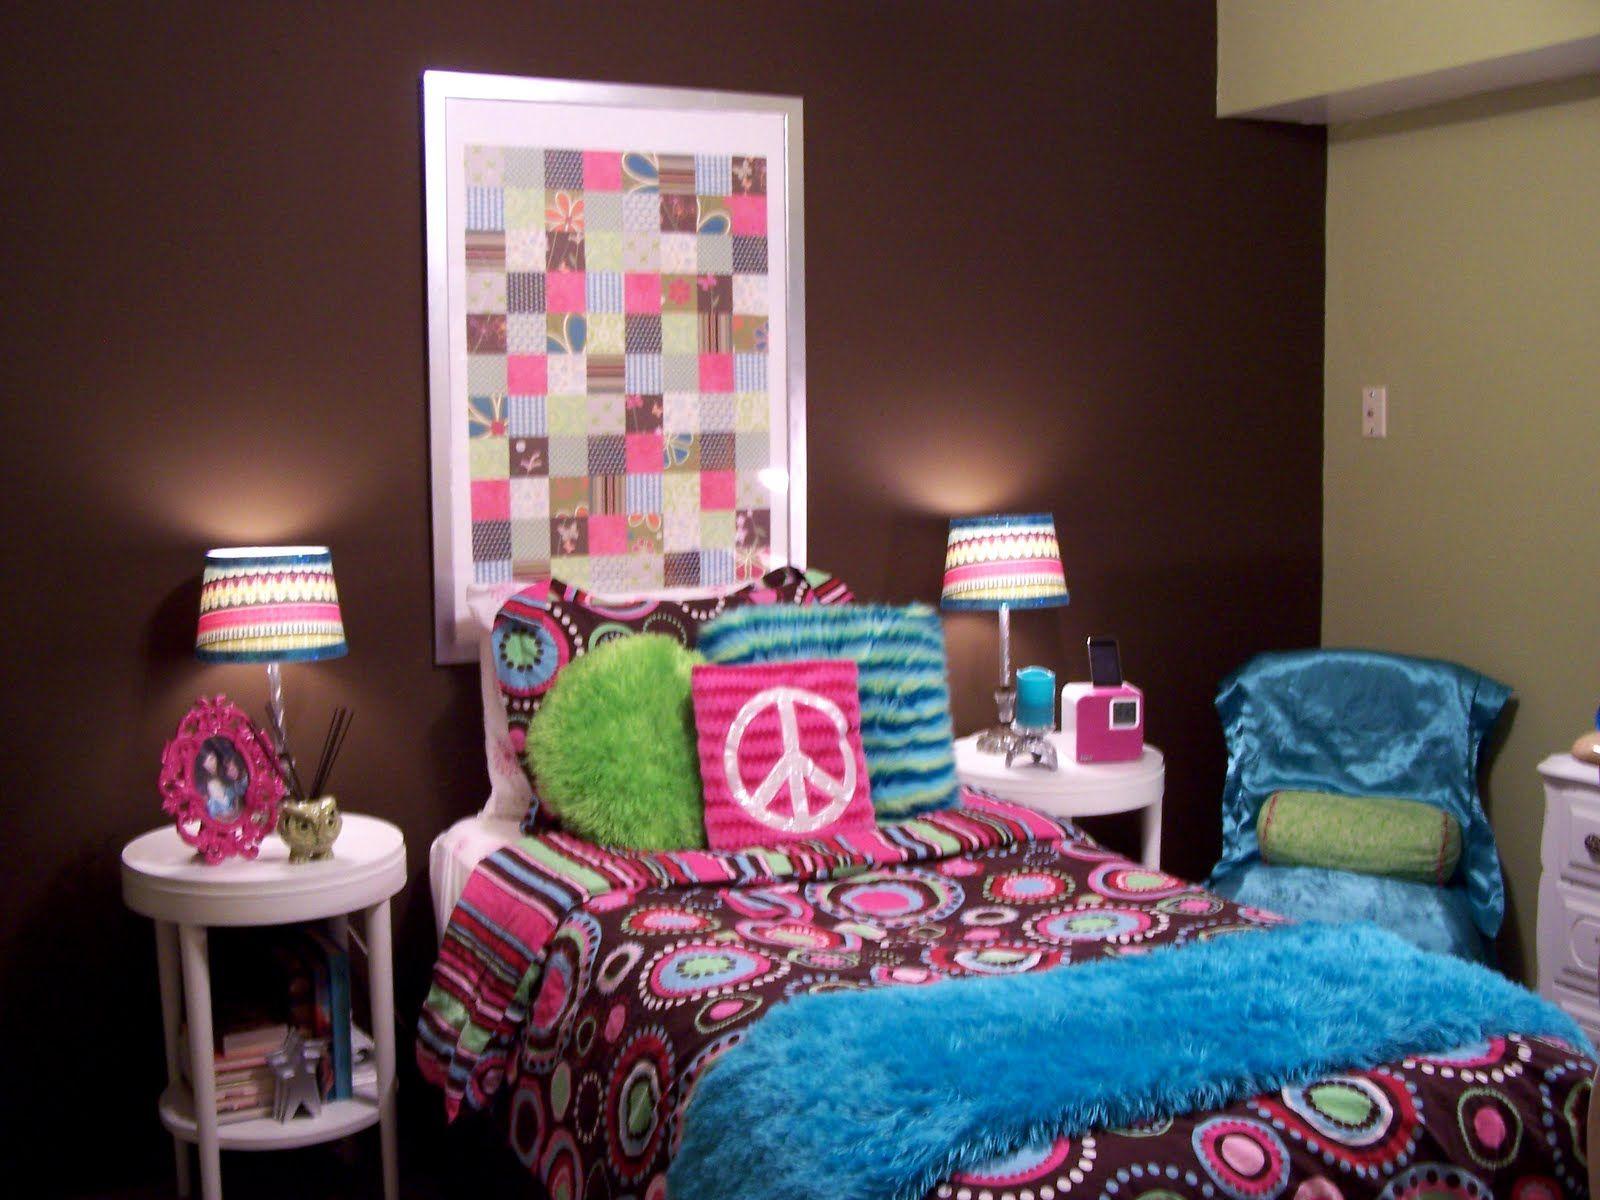 Badezimmer ideen für teenager tween mädchen schlafzimmer machen sie nicht ein bett unter einem